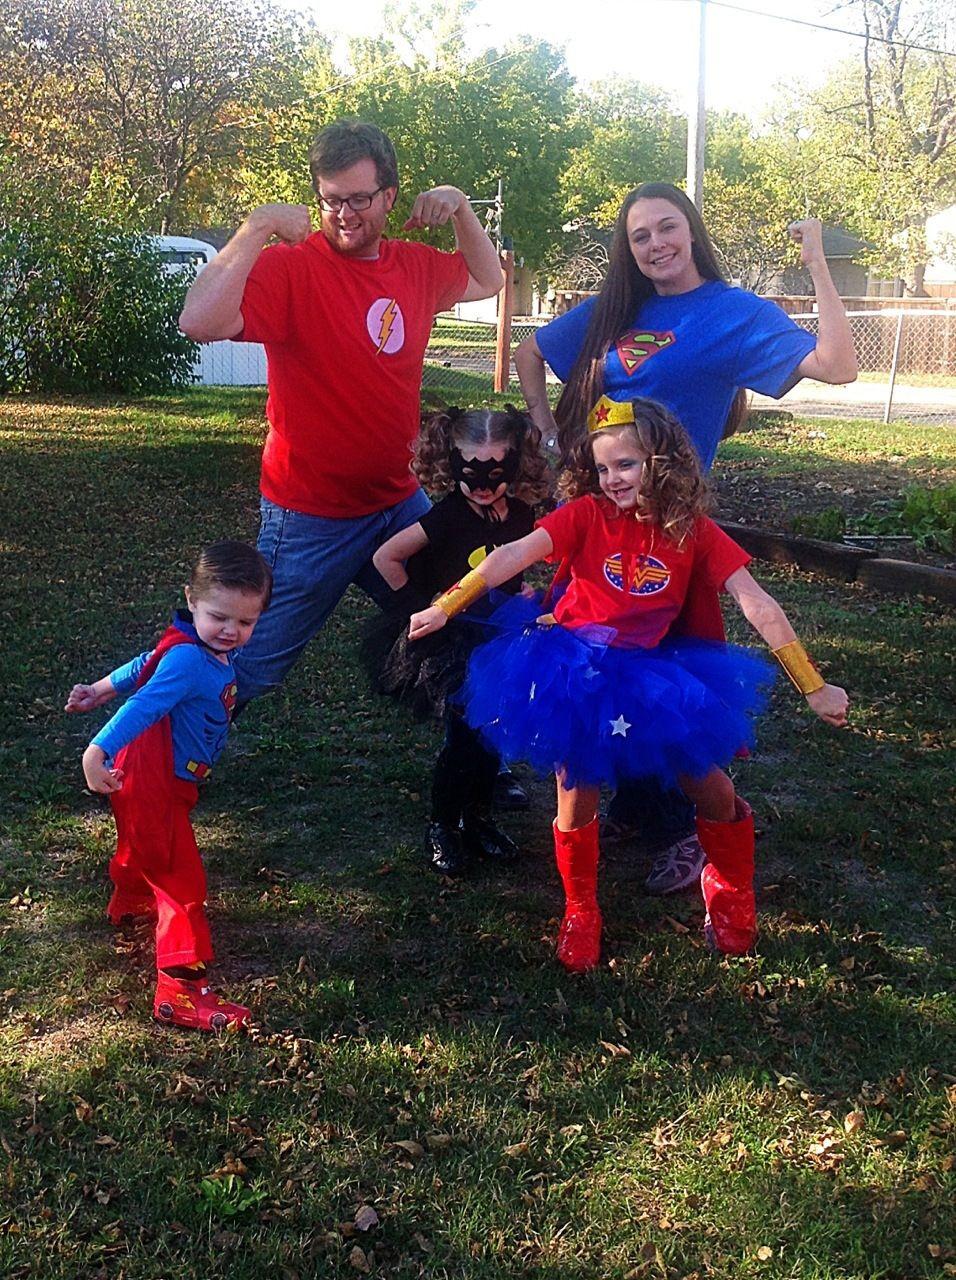 Diy supergirl boots (plus tutu costume ideas) - Super hero costumes